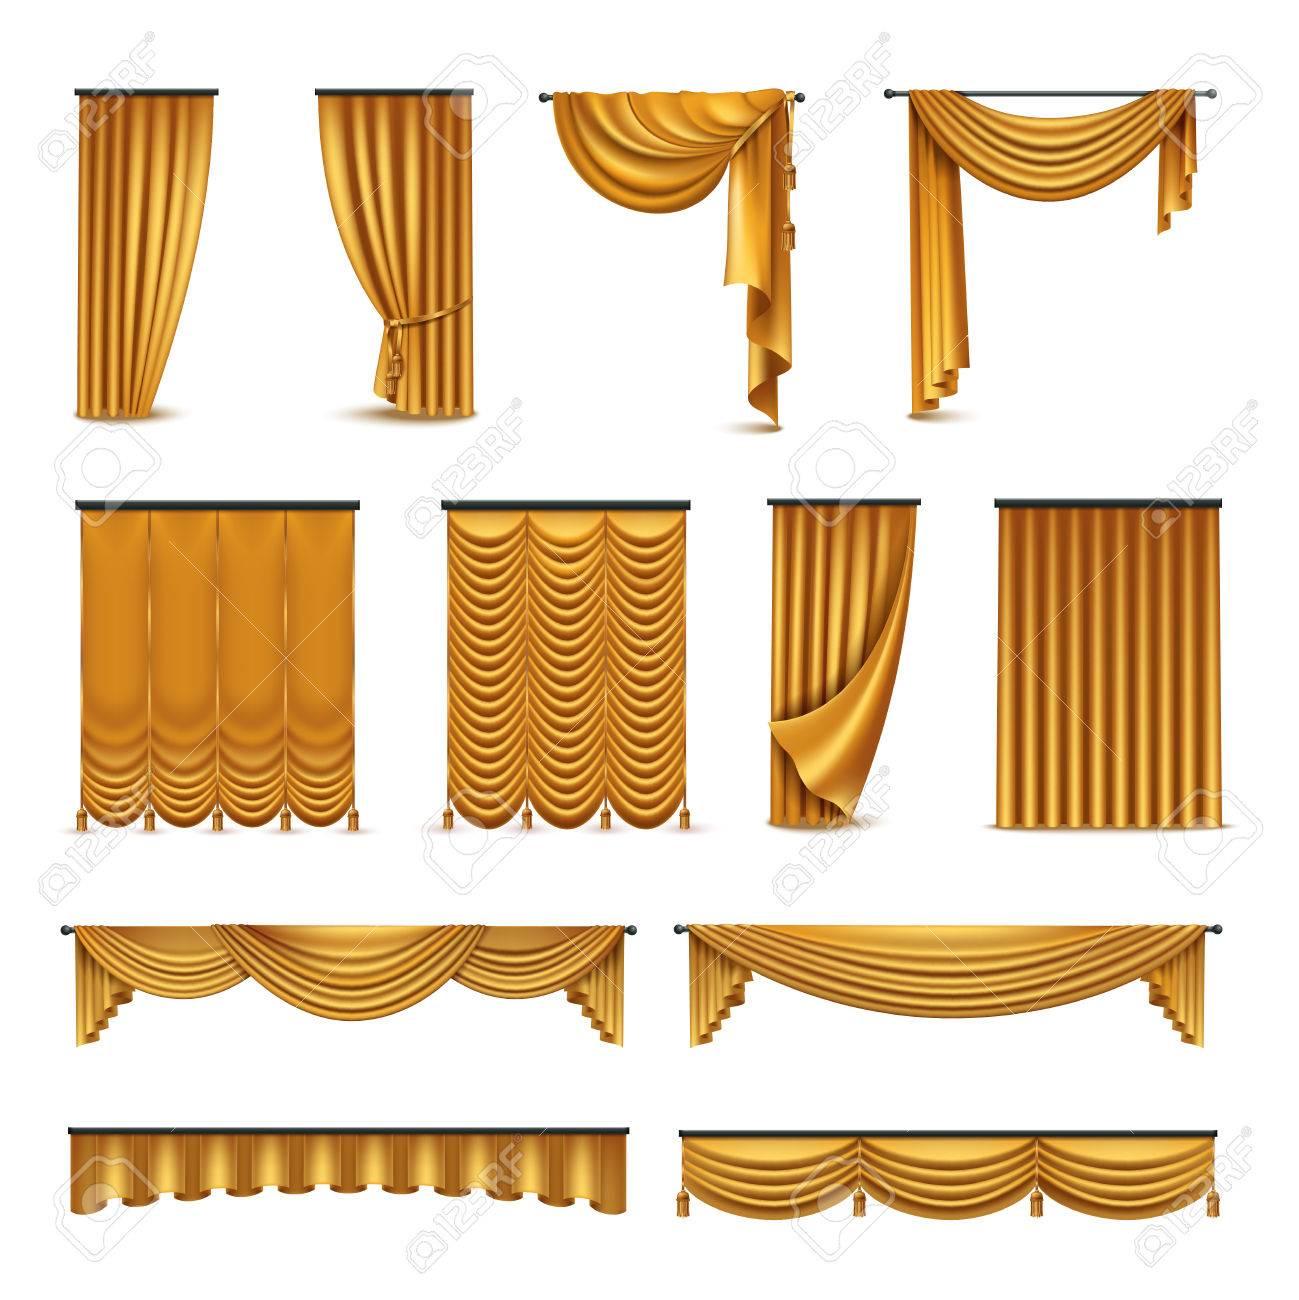 Interieur Ideeen Gordijnen.Golden Zijdefluweel Luxe Gordijnen En Draperieen Interieur Ontwerp